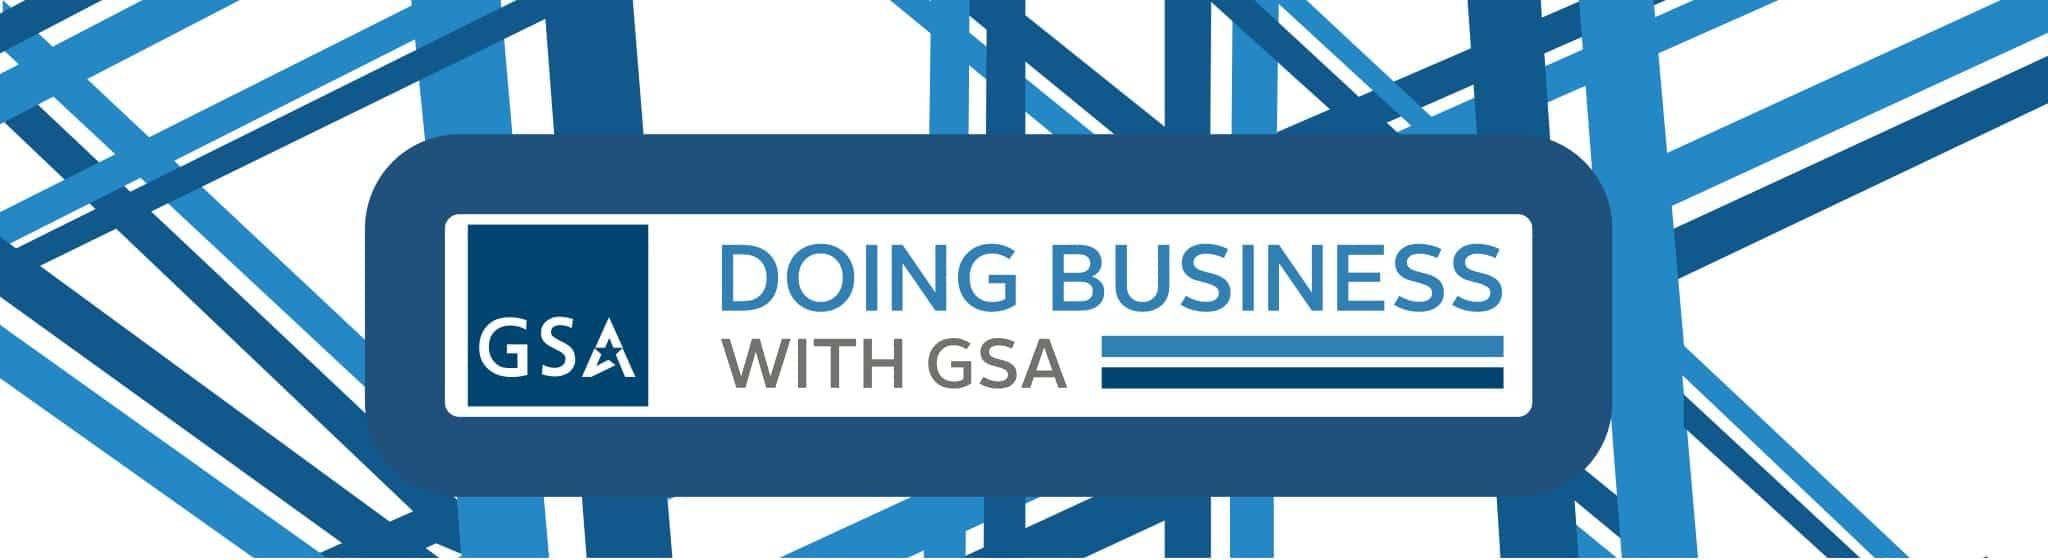 GSA OSBU BRAND COMMUNICATIONS